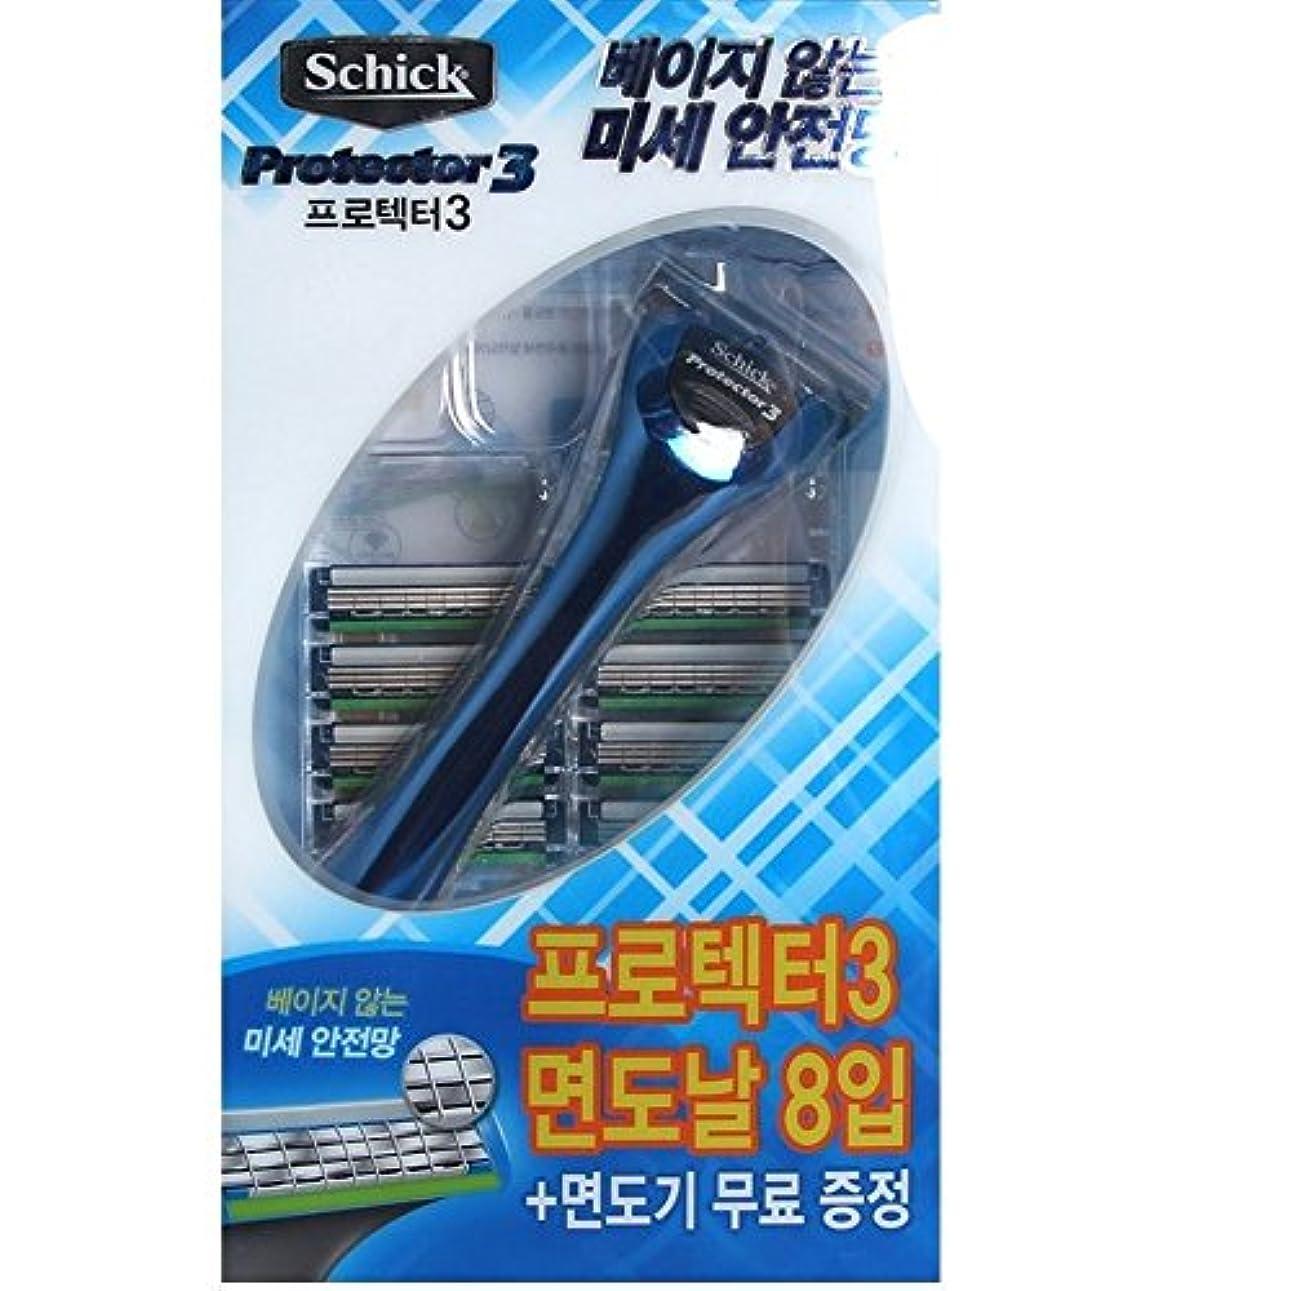 おかしい無視できる教えてSchick Protector3 1レイザー+9カートリッジリフィルブレイド [並行輸入品]